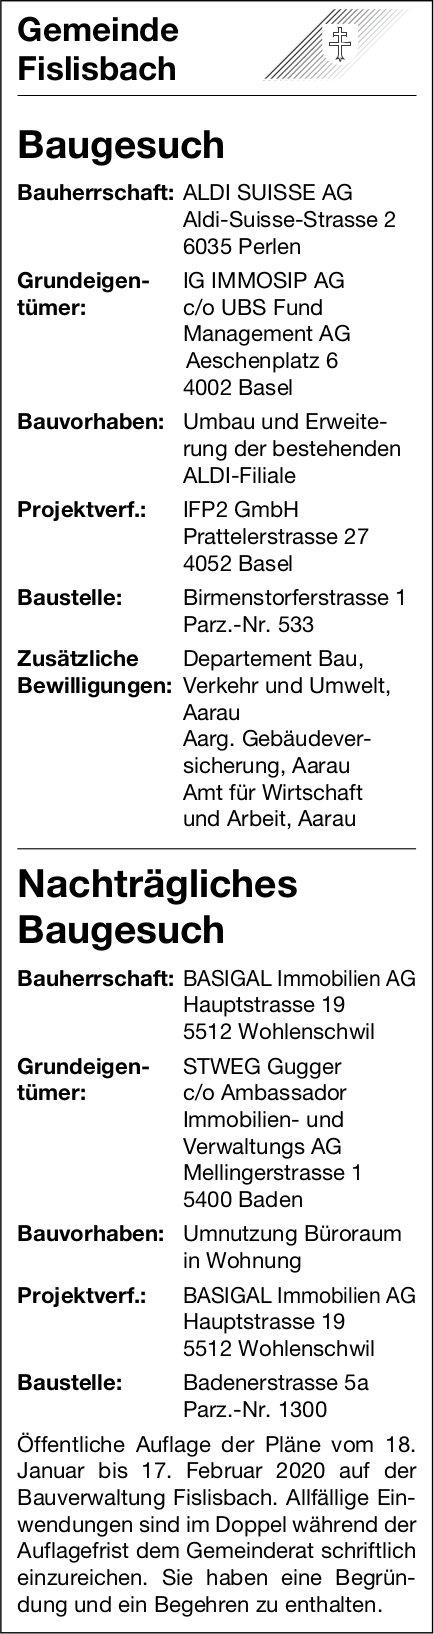 Fislisbach - Baugesuch / Nachträgliches Baugesuch